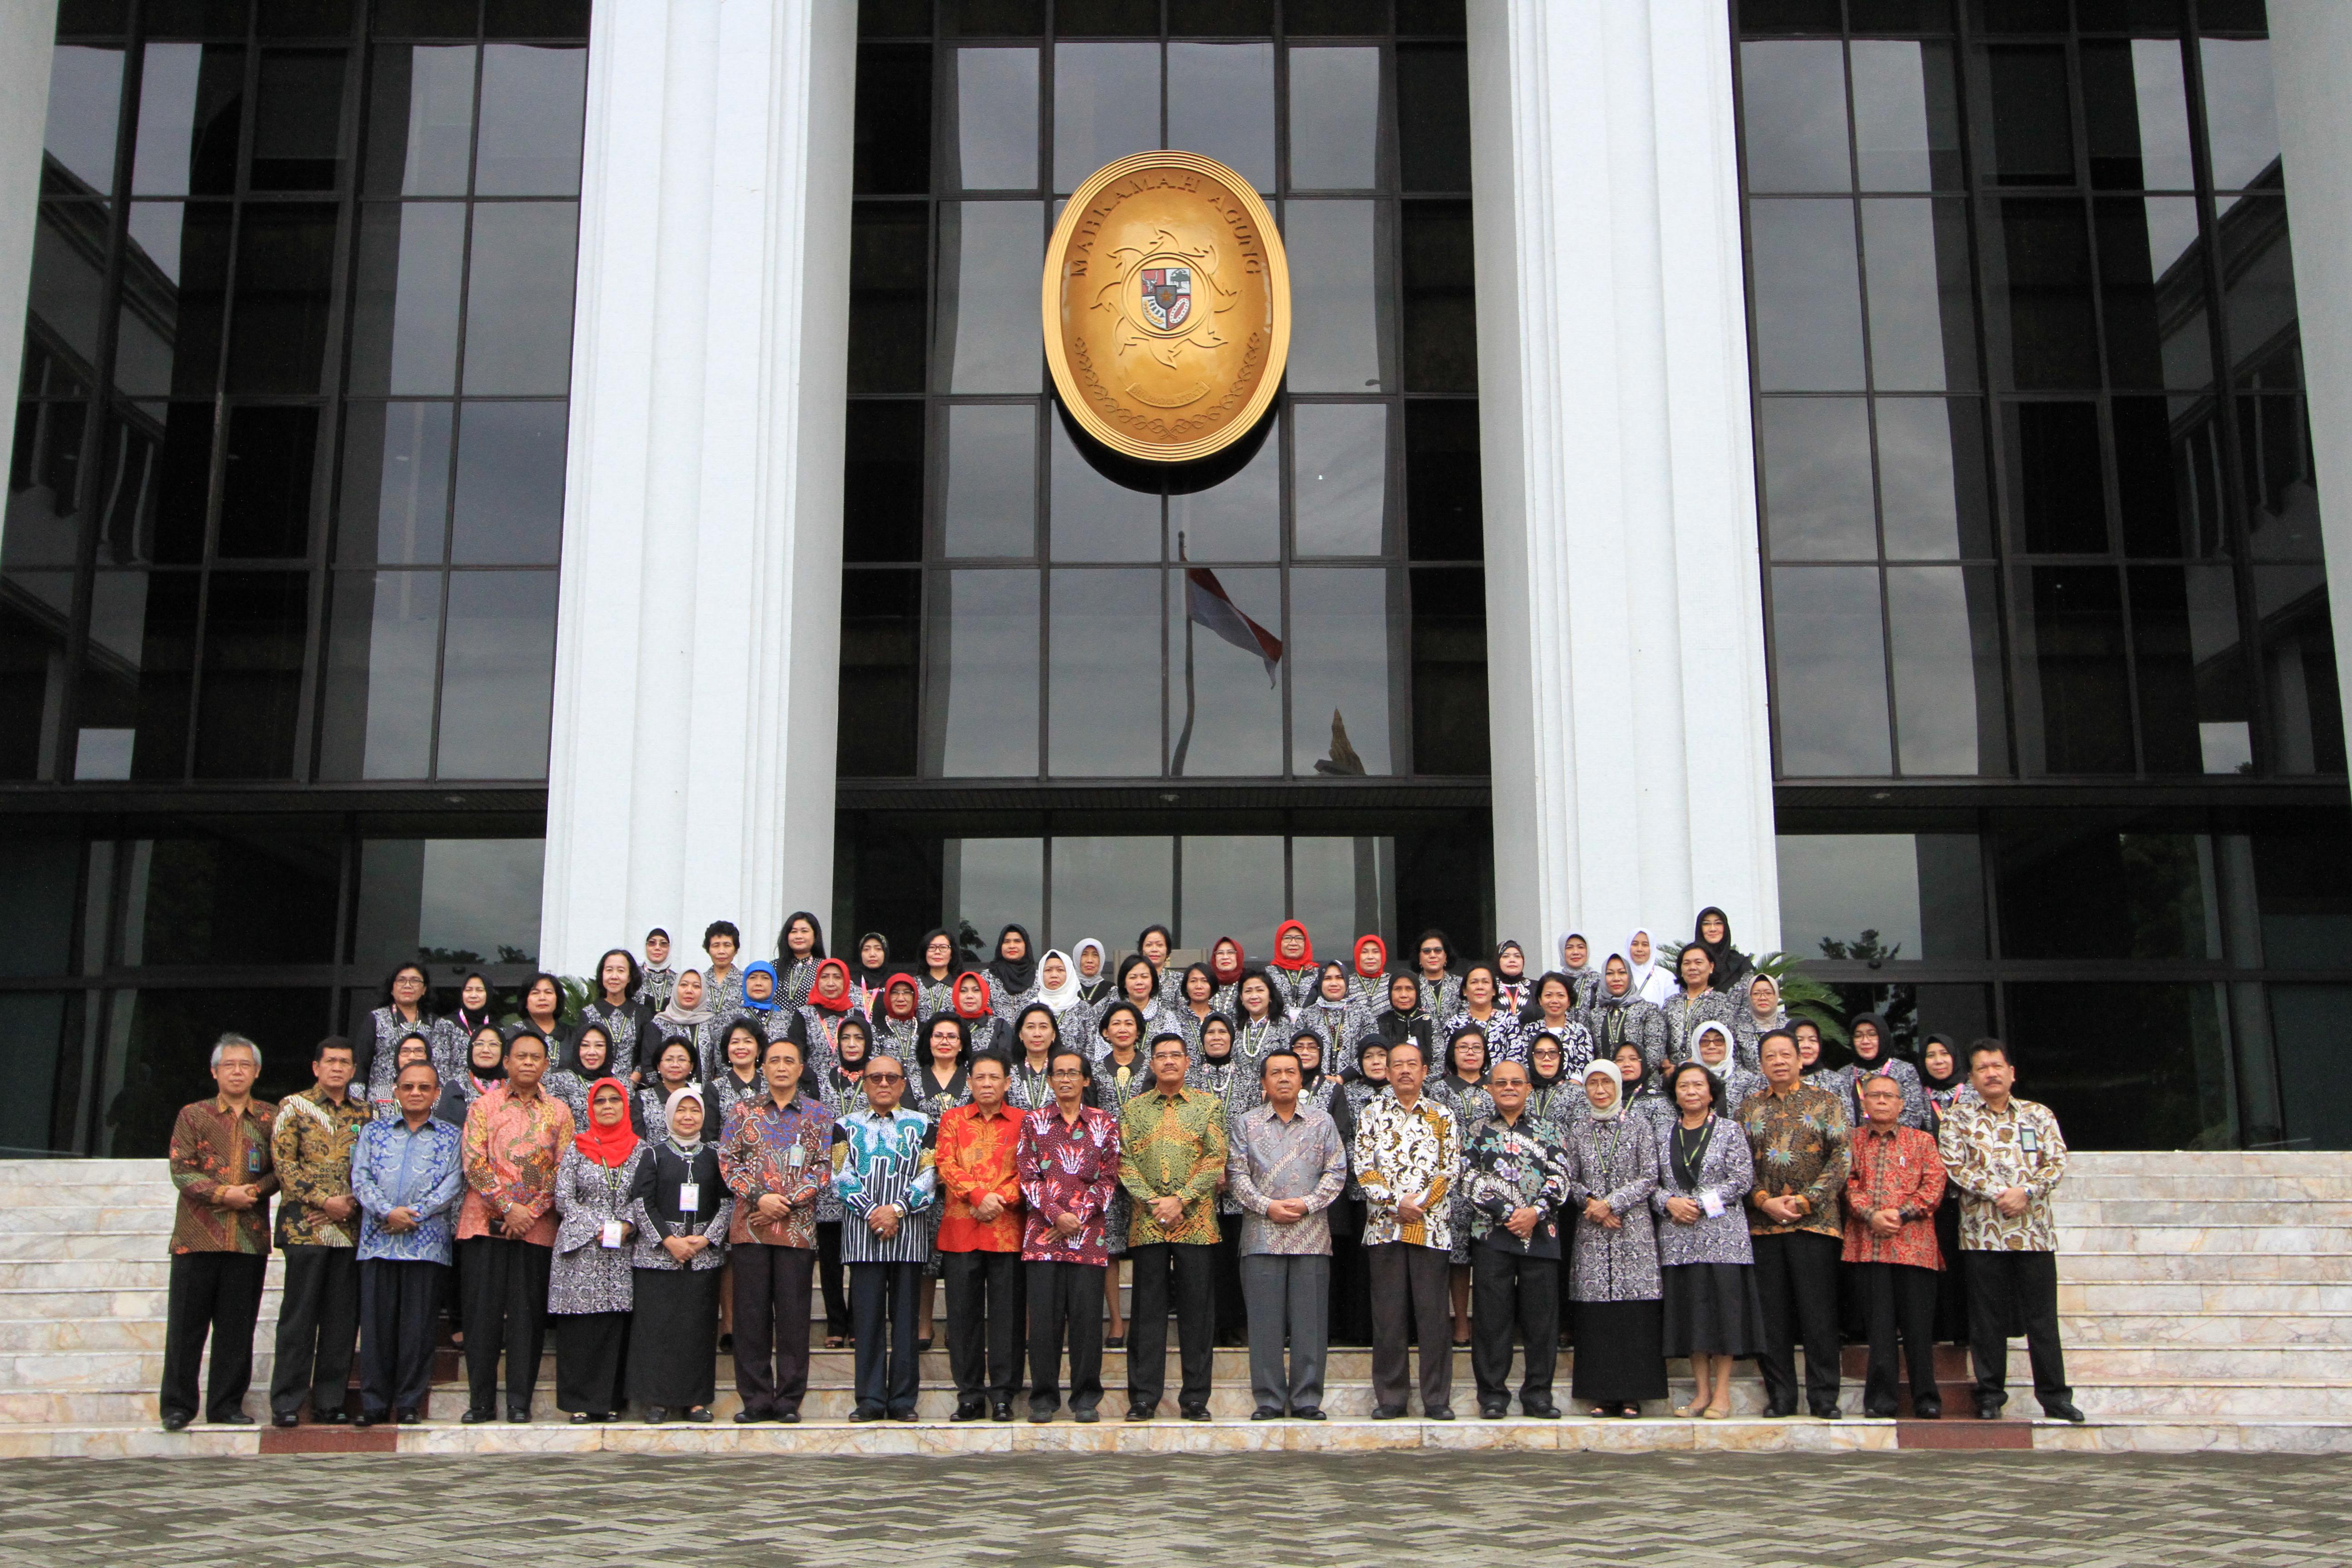 KUNJUNGAN DAN AUDIENSI HAKIM PEREMPUAN EMPAT LINGKUNGAN BADAN PERADILAN SE - INDONESIA KE MAHKAMAH AGUNG RI